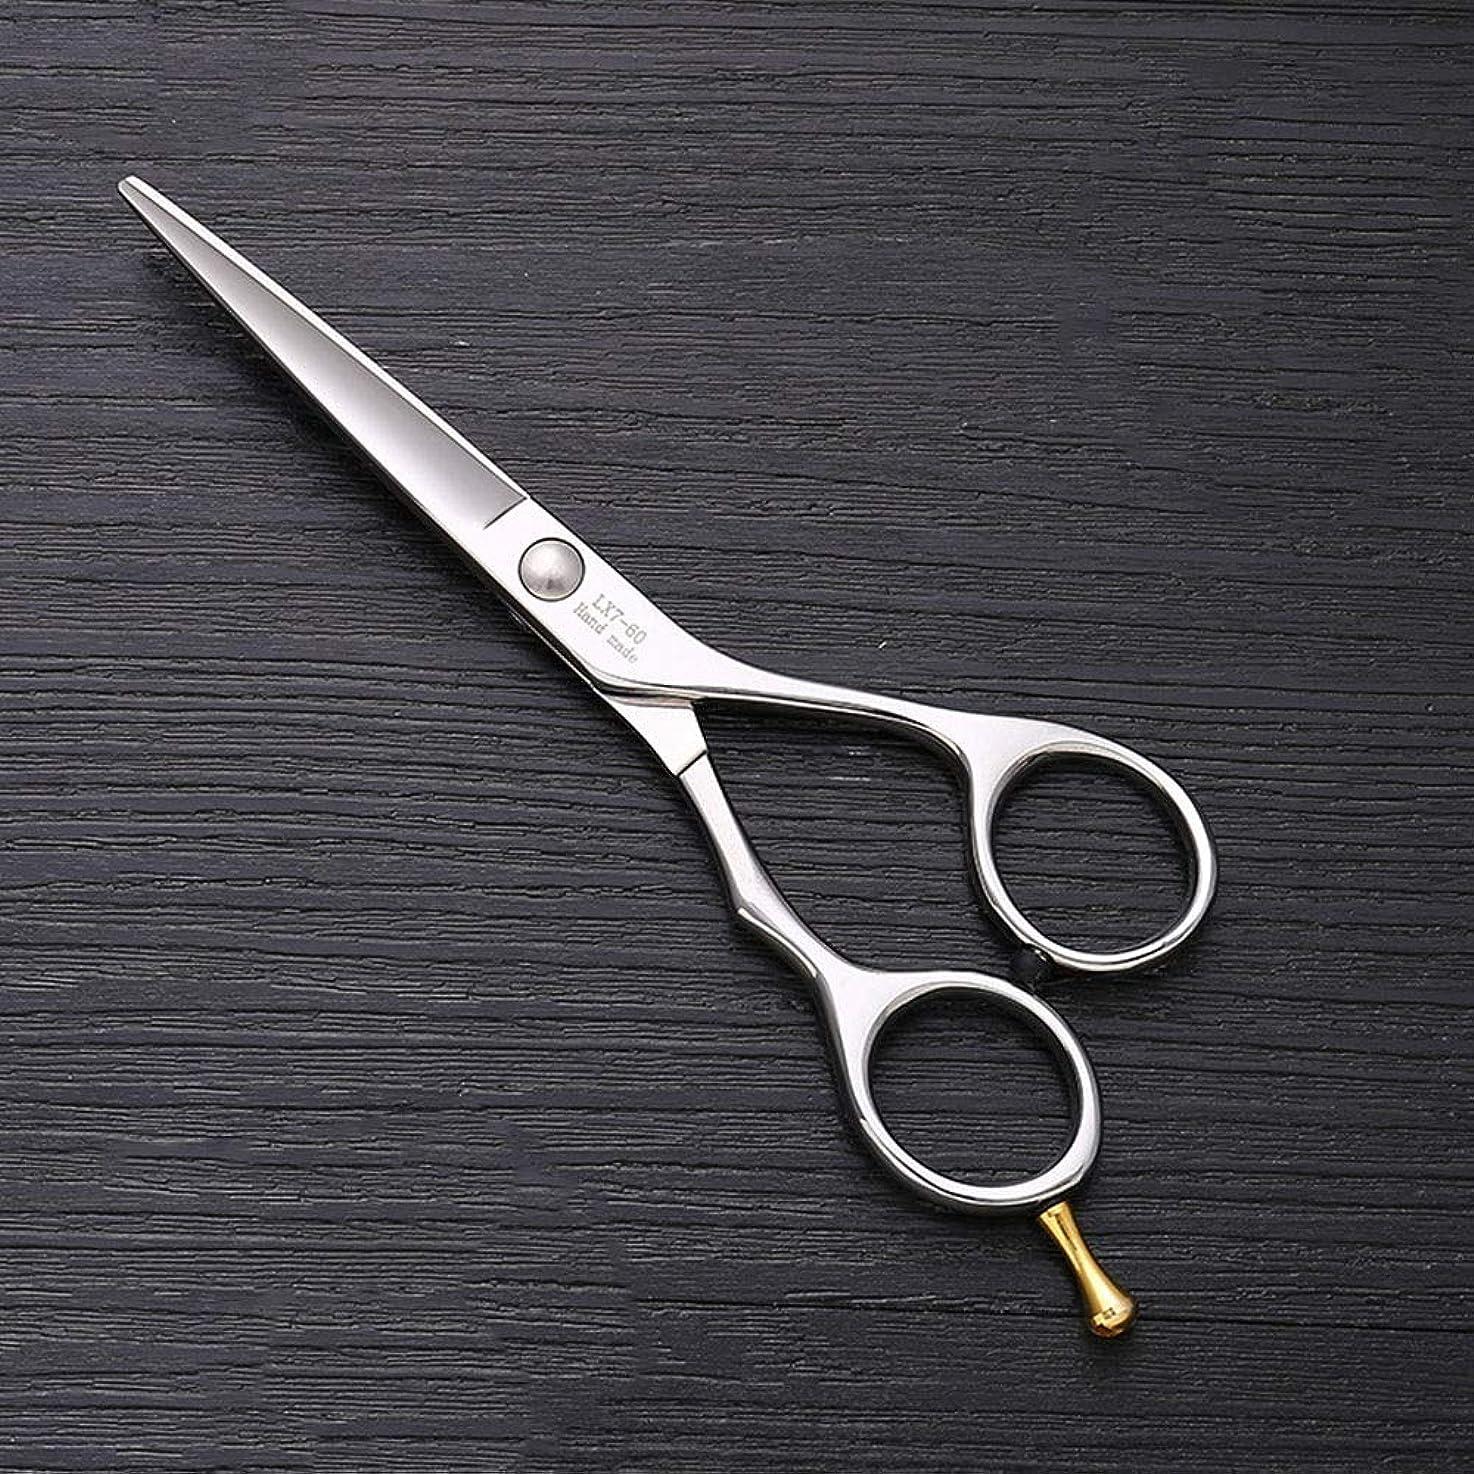 しなやかアライアンス速度5.75インチの集中的な平らなせん断の理髪ステンレス鋼はさみ モデリングツール (色 : Silver)